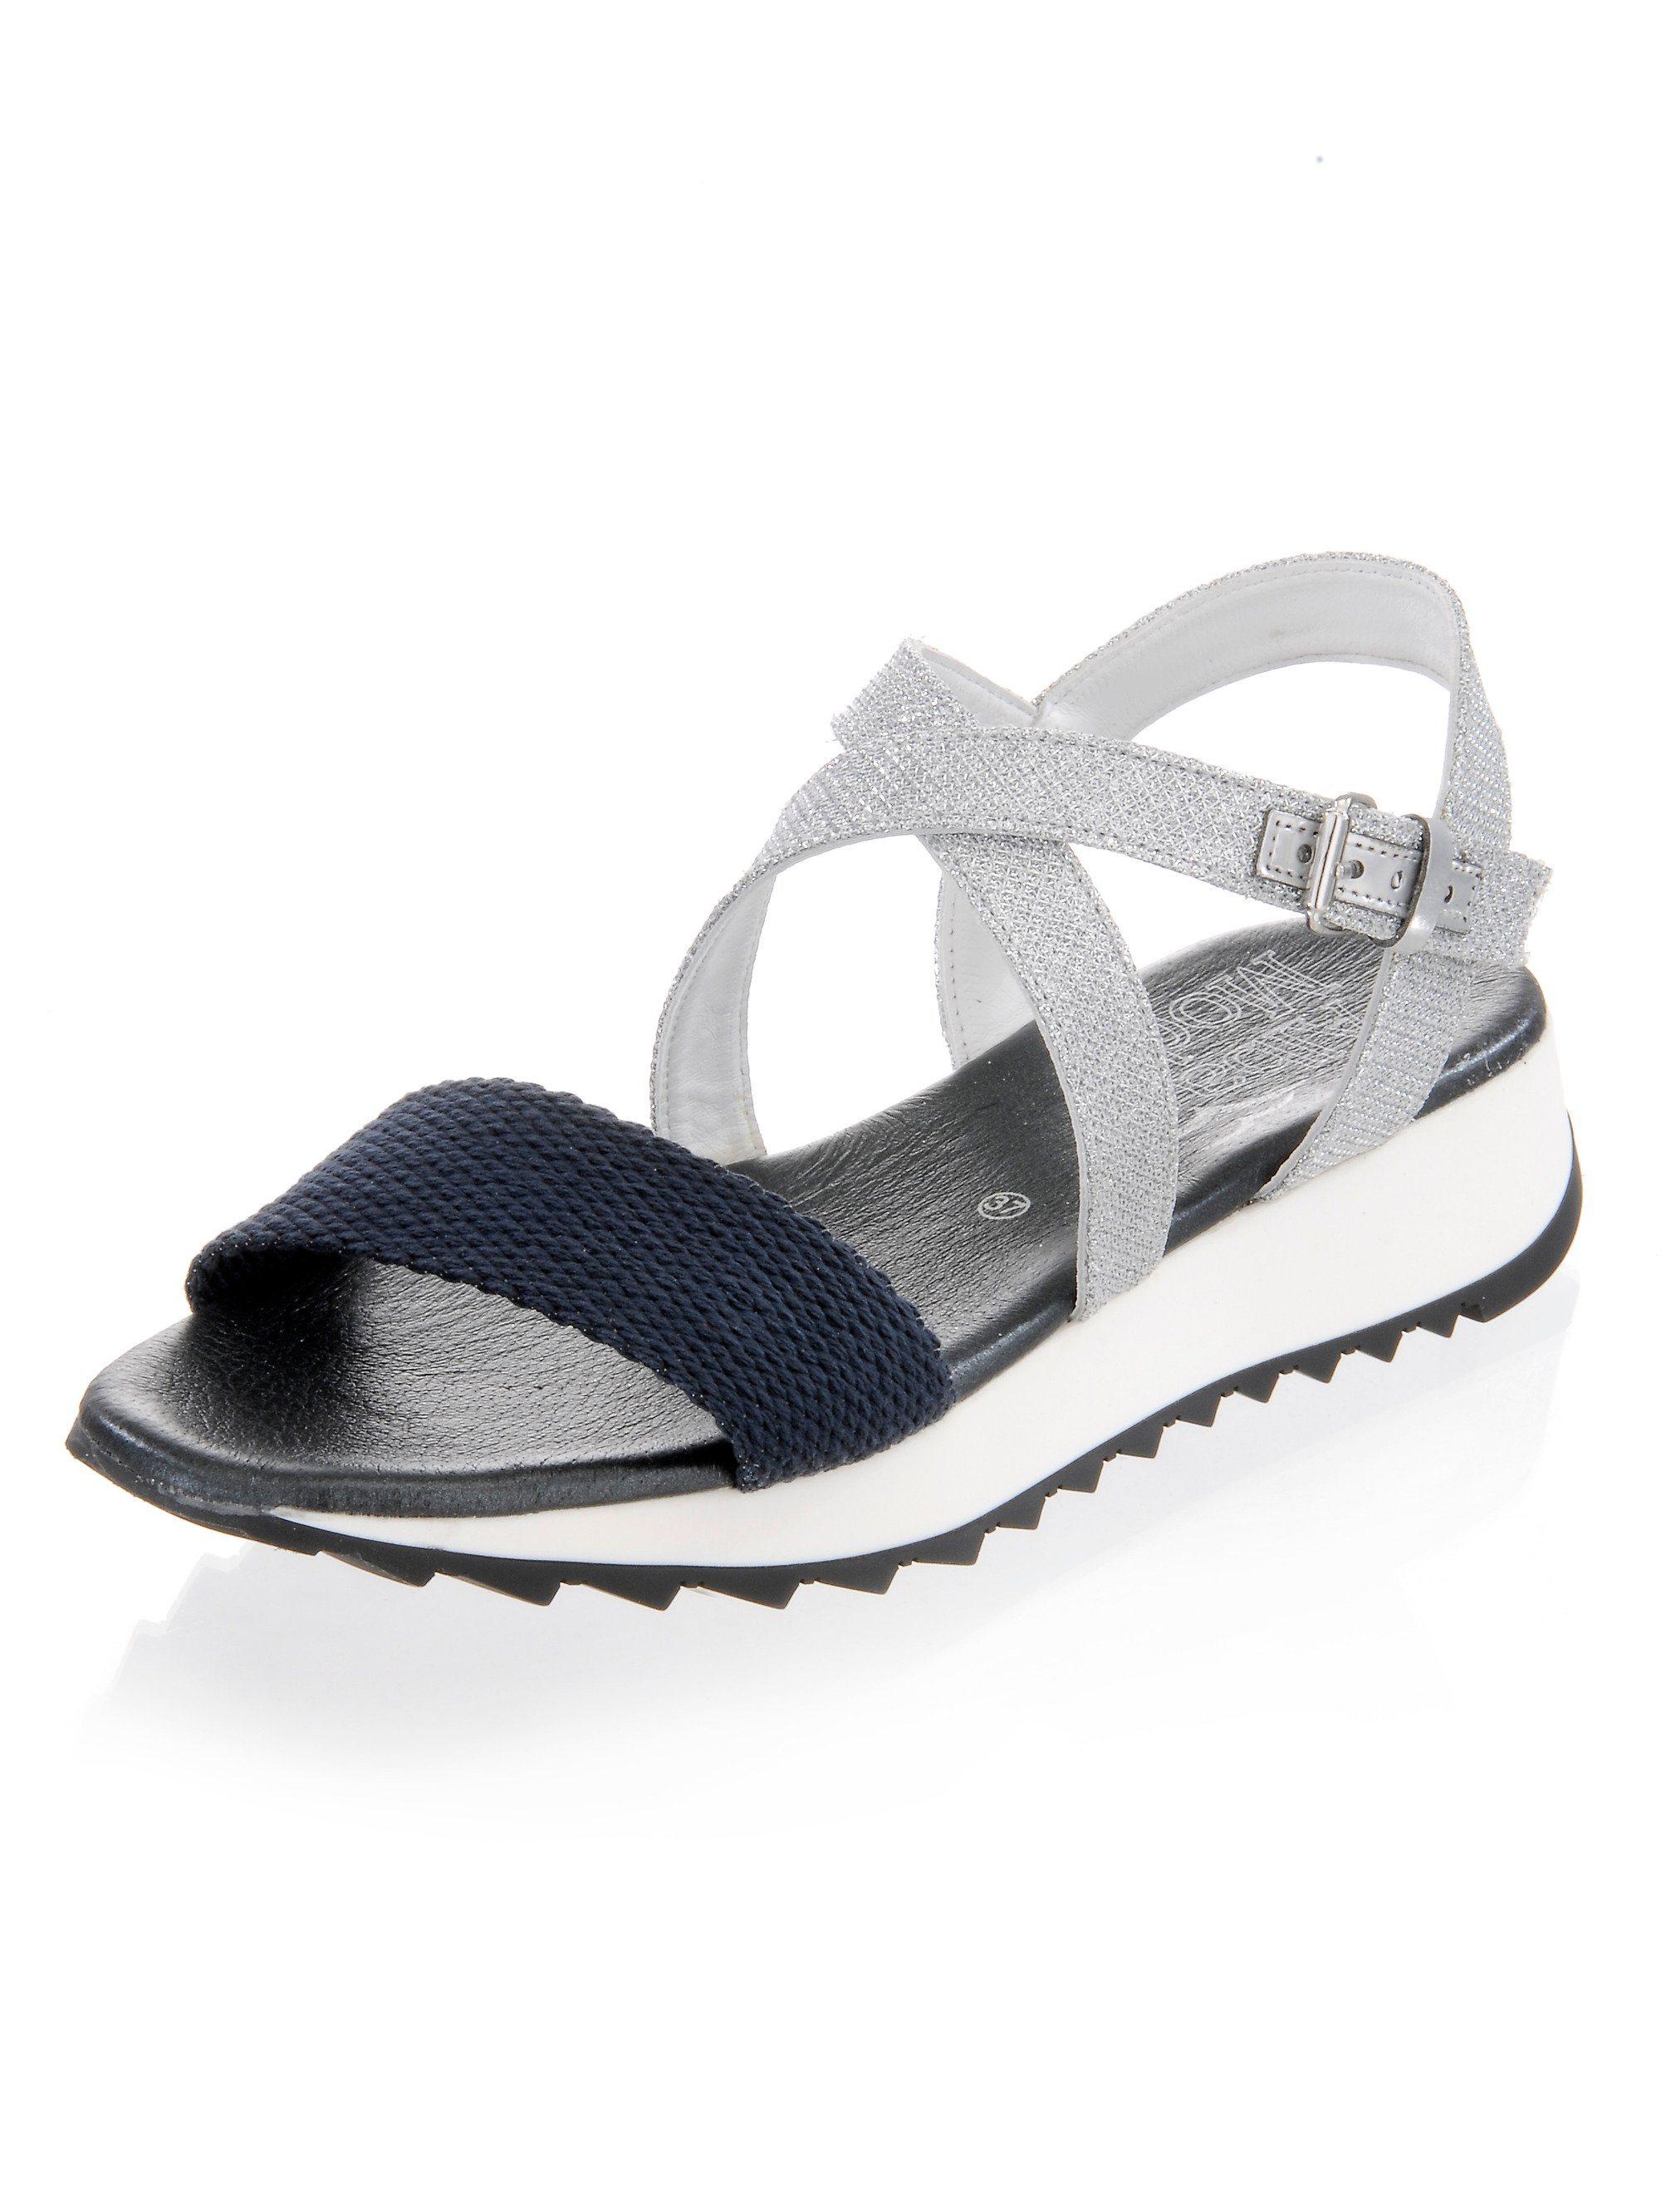 Alba Moda Sandalette mit Riemchen im Metallic-Look   Schuhe > Sandalen & Zehentrenner > Sandalen   Mehrfarbig   Gummi   Alba Moda